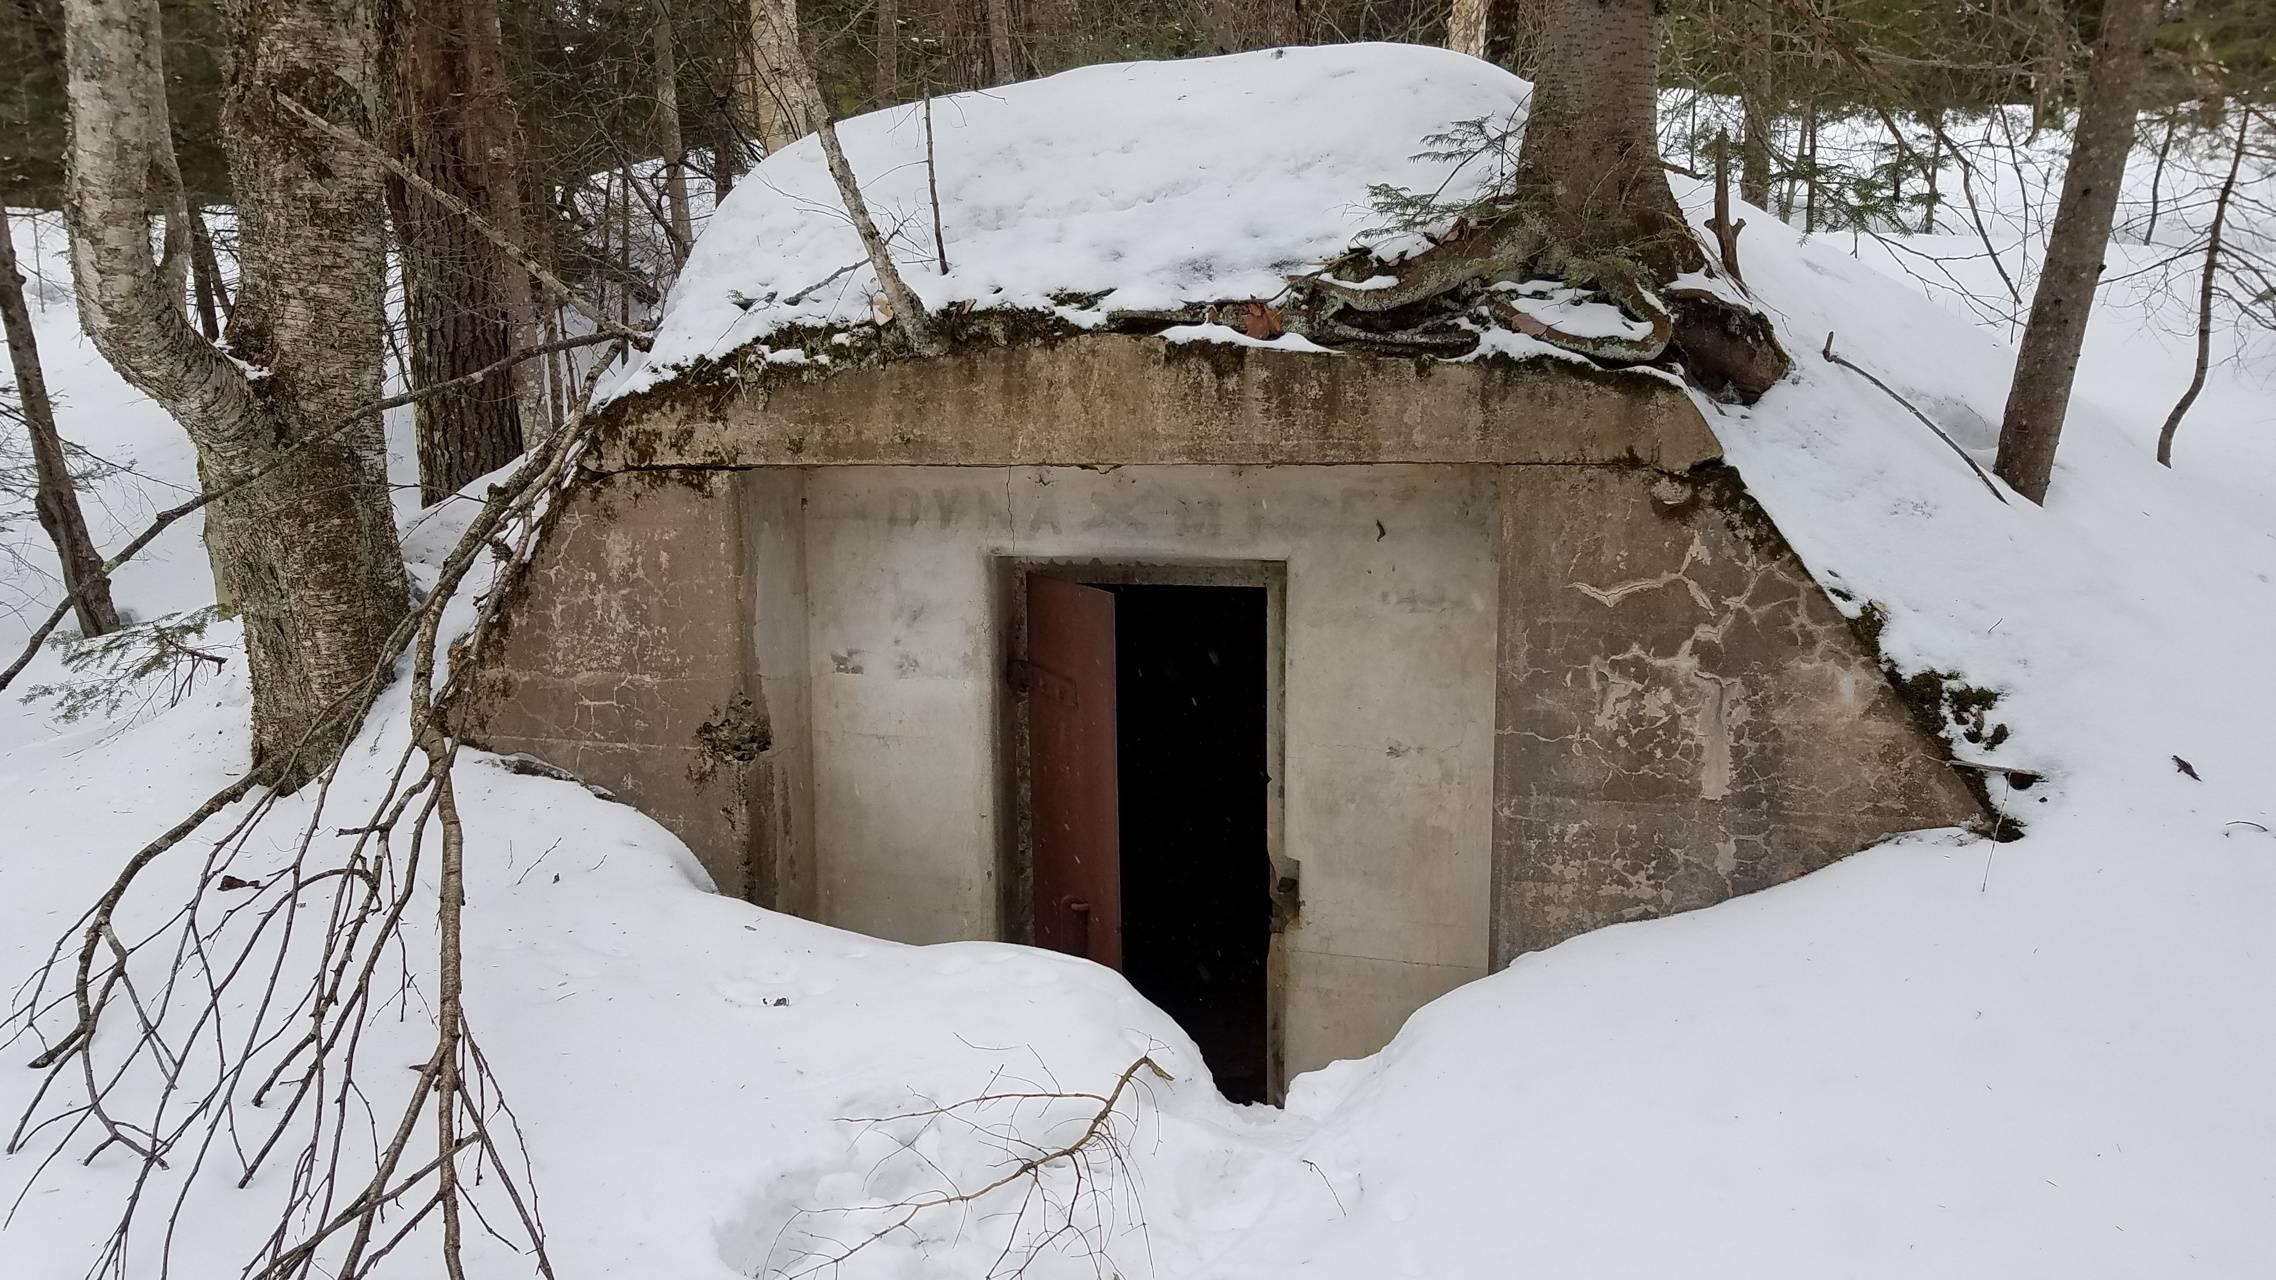 Dynamite bunker